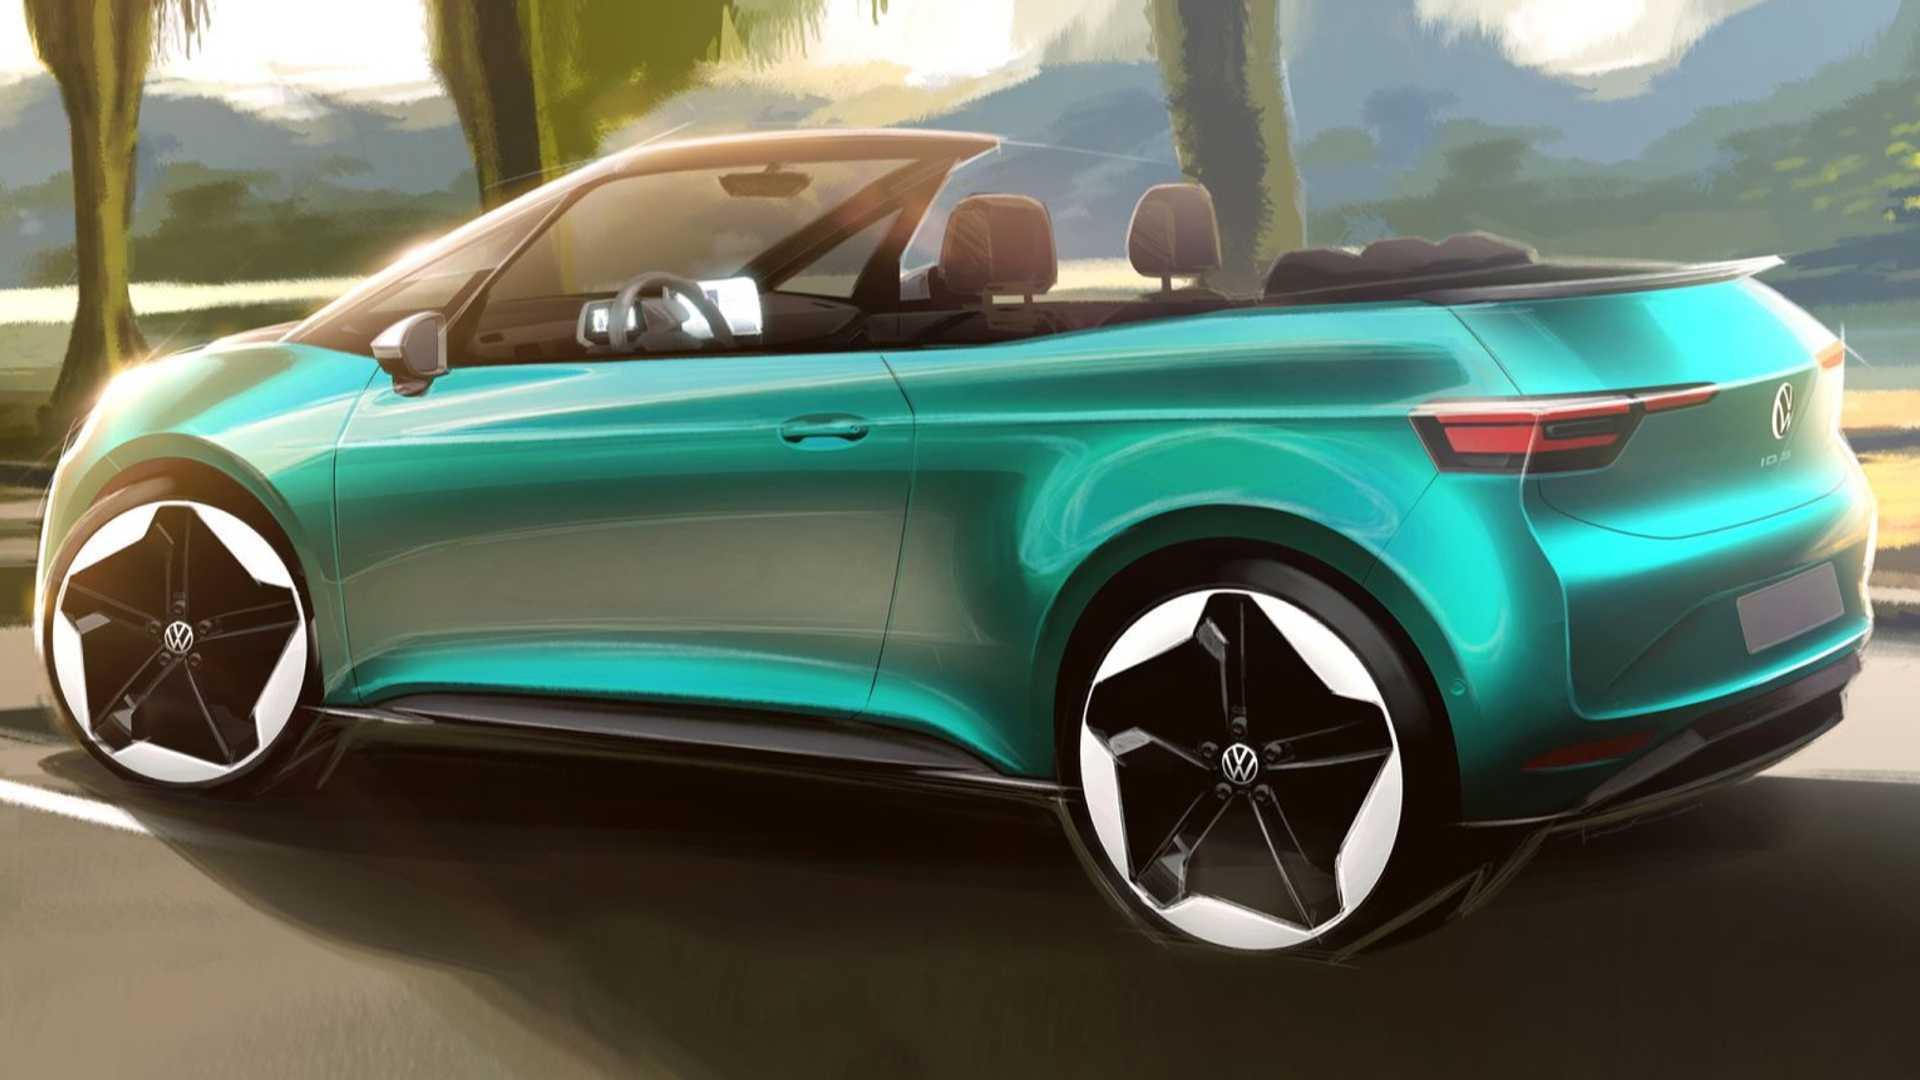 Кабриолет VW ID.3 на рассмотрении, почему бы и нет